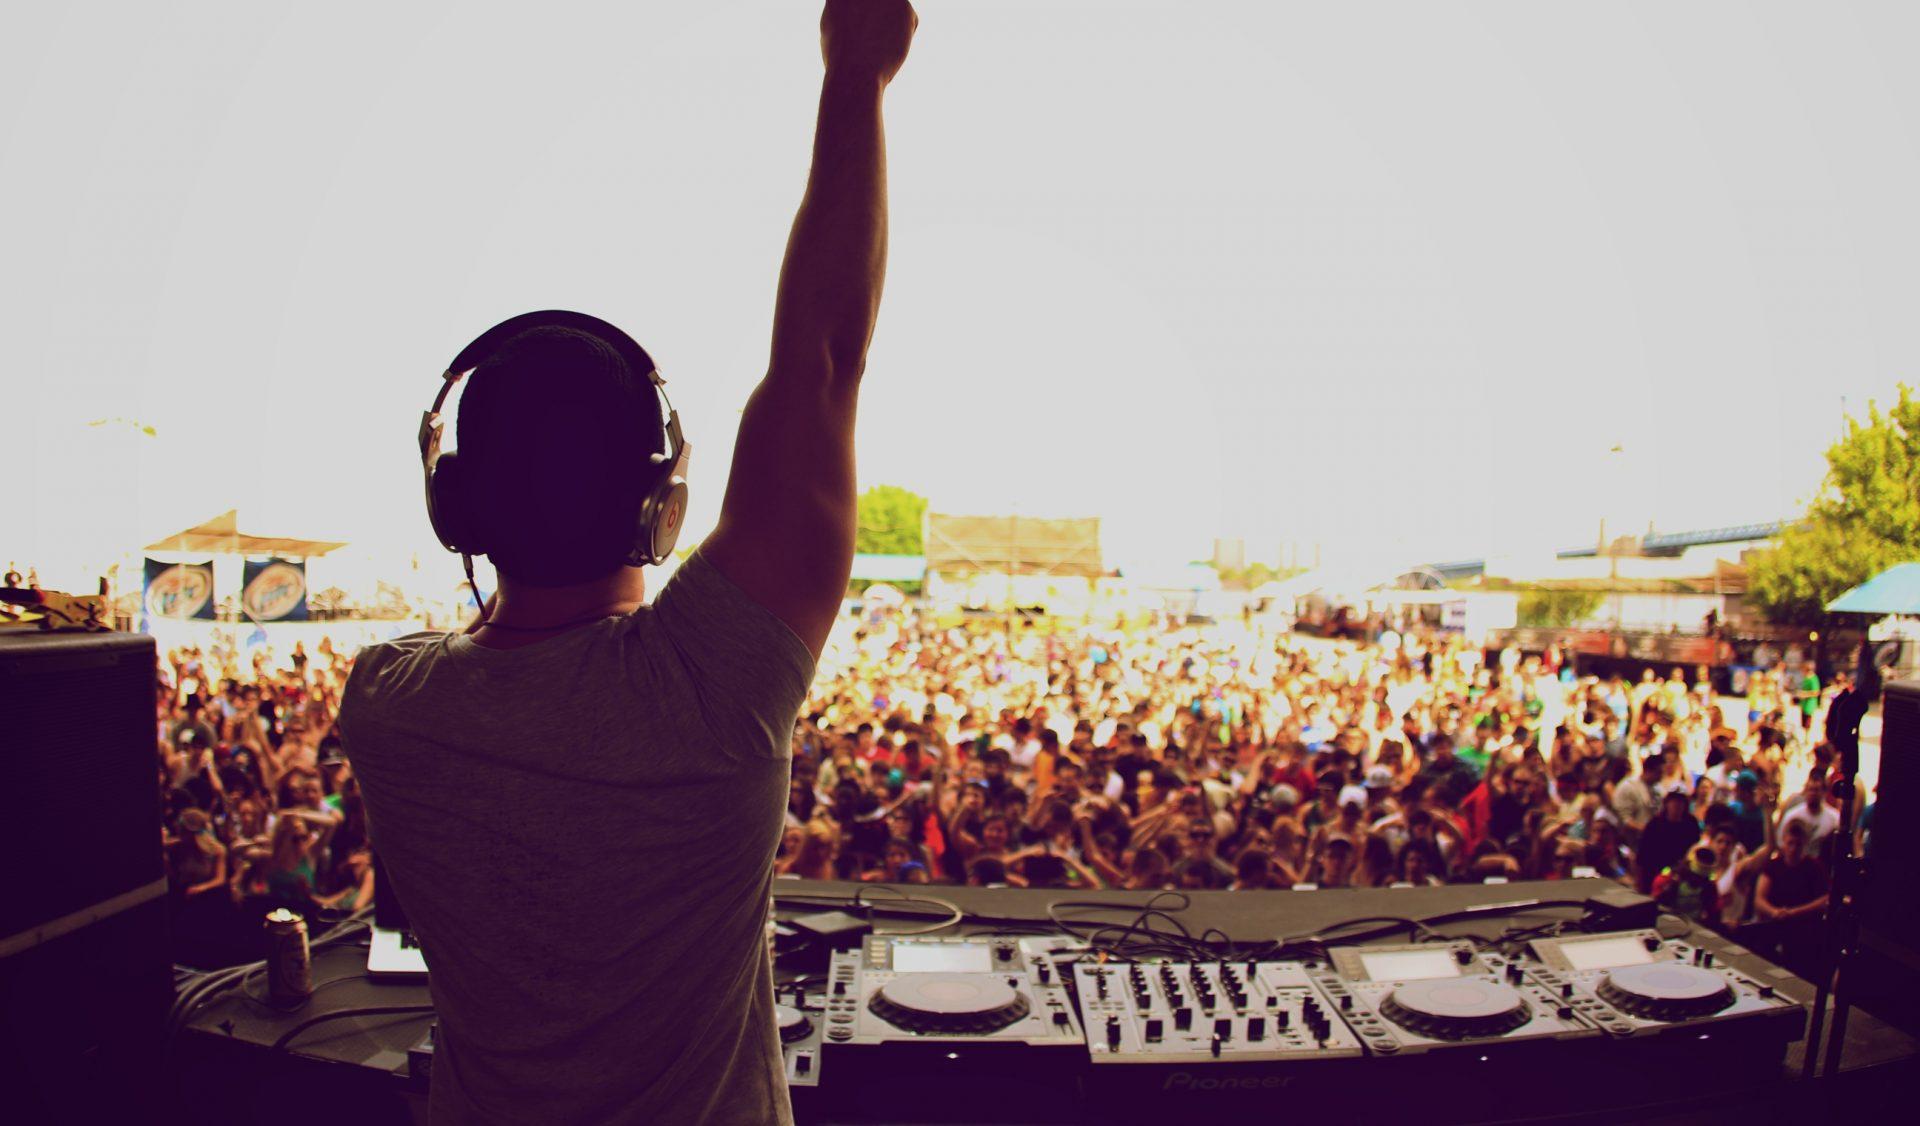 dj-at-festival